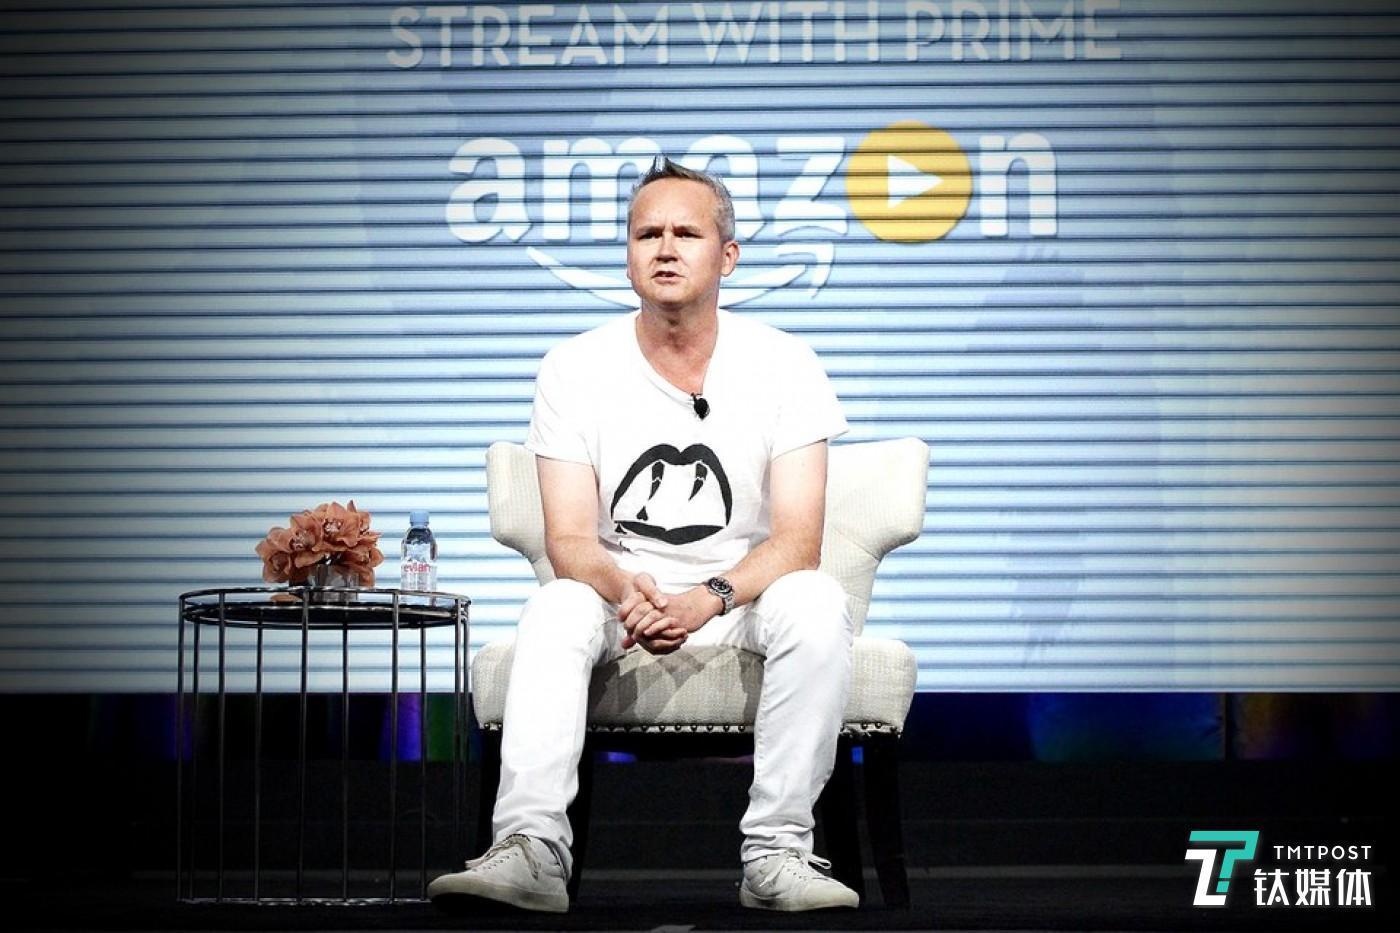 前亚马逊娱乐工作室主管罗伊·普莱斯(Roy Price)。图片来源/holywoodreporter.com